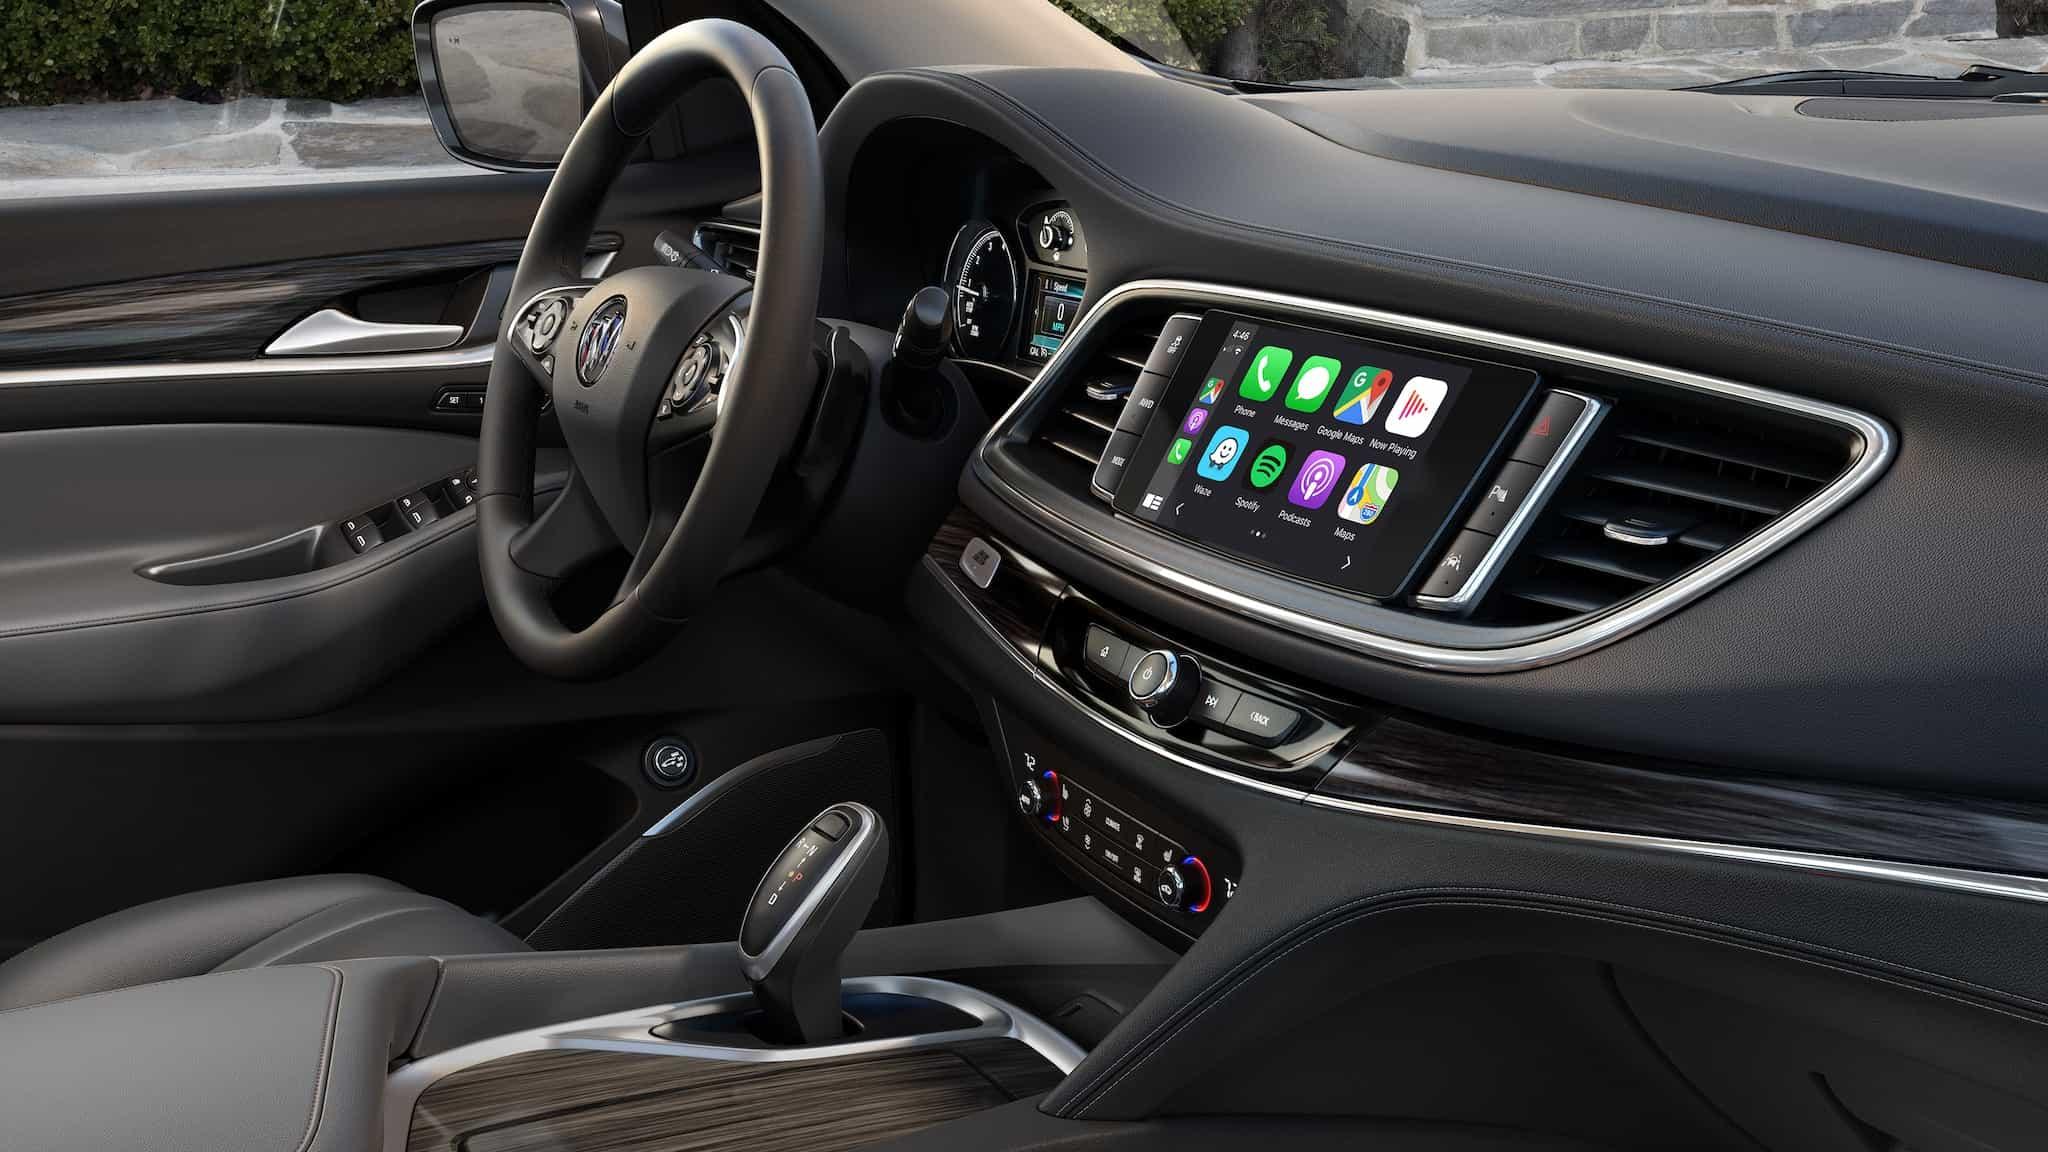 2020 Buick Enclave Cockpit